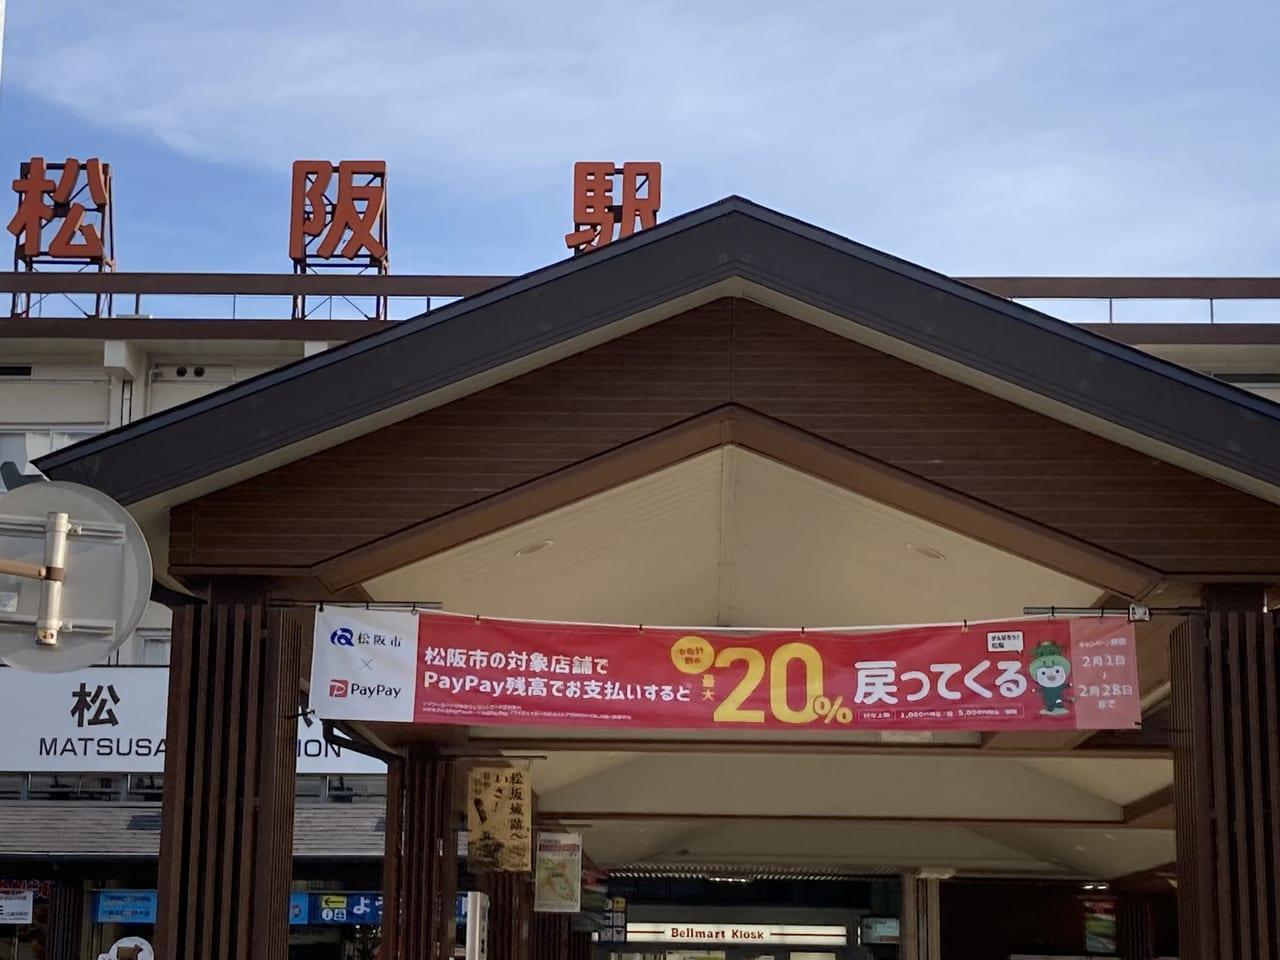 松阪駅に貼られたPAYPAY決済キャンペーンの横断幕